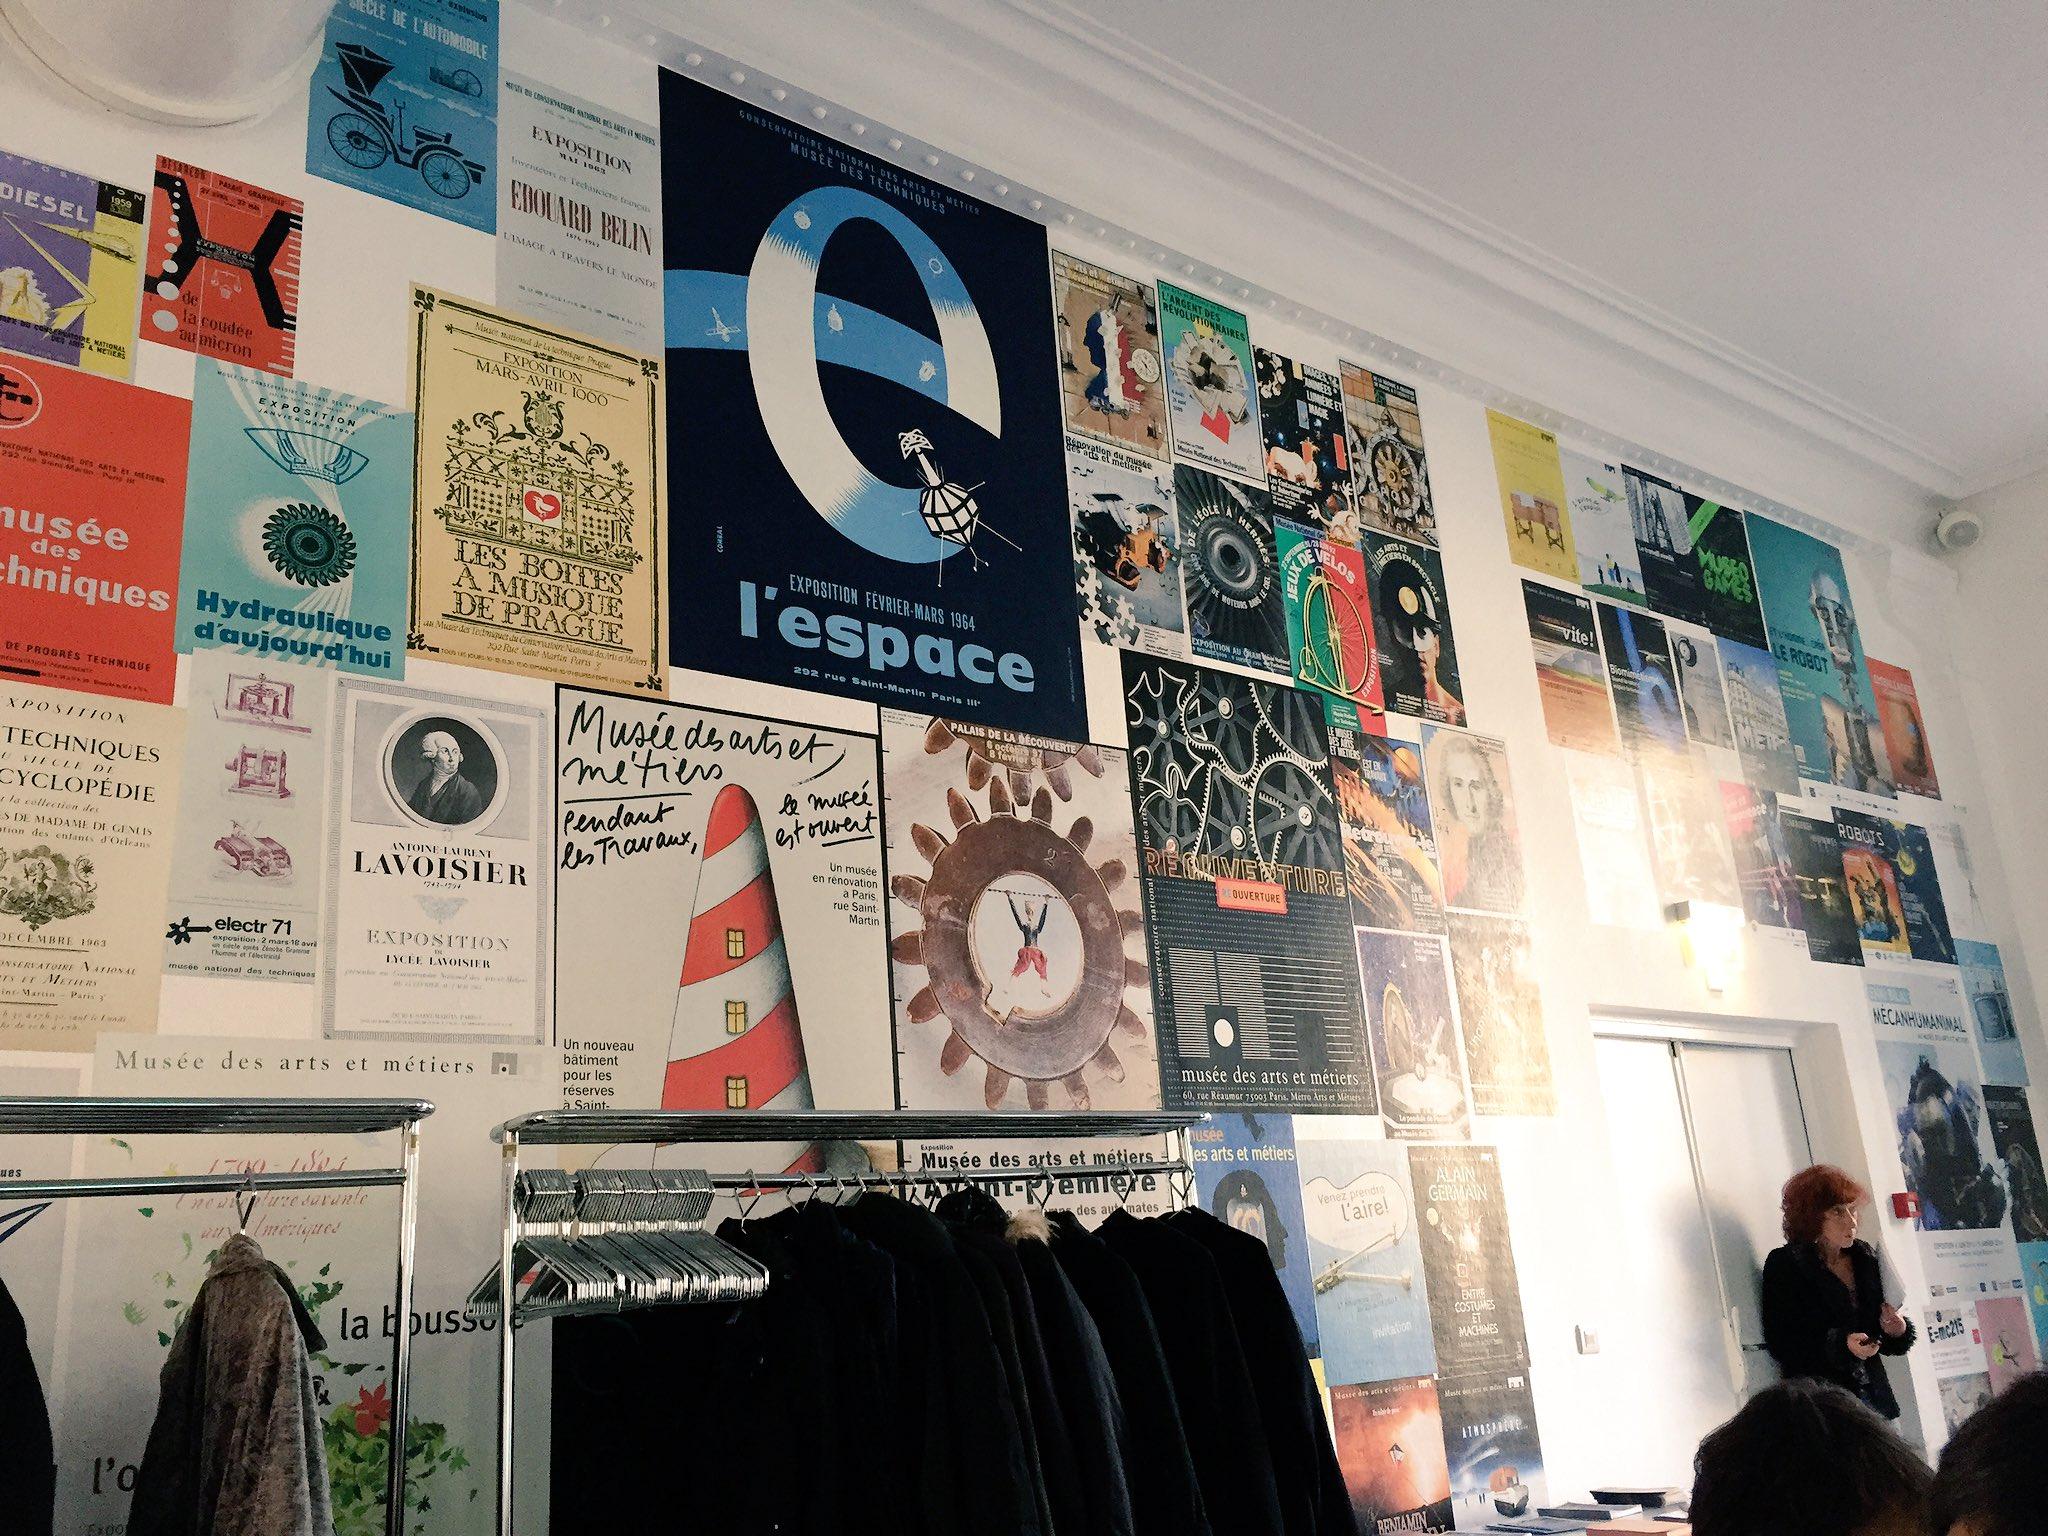 Sympa le mur avec les affiches des anciennes expos du Musée @ArtsetMetiers ! #JourneeMust https://t.co/ba0Y0eiVJi